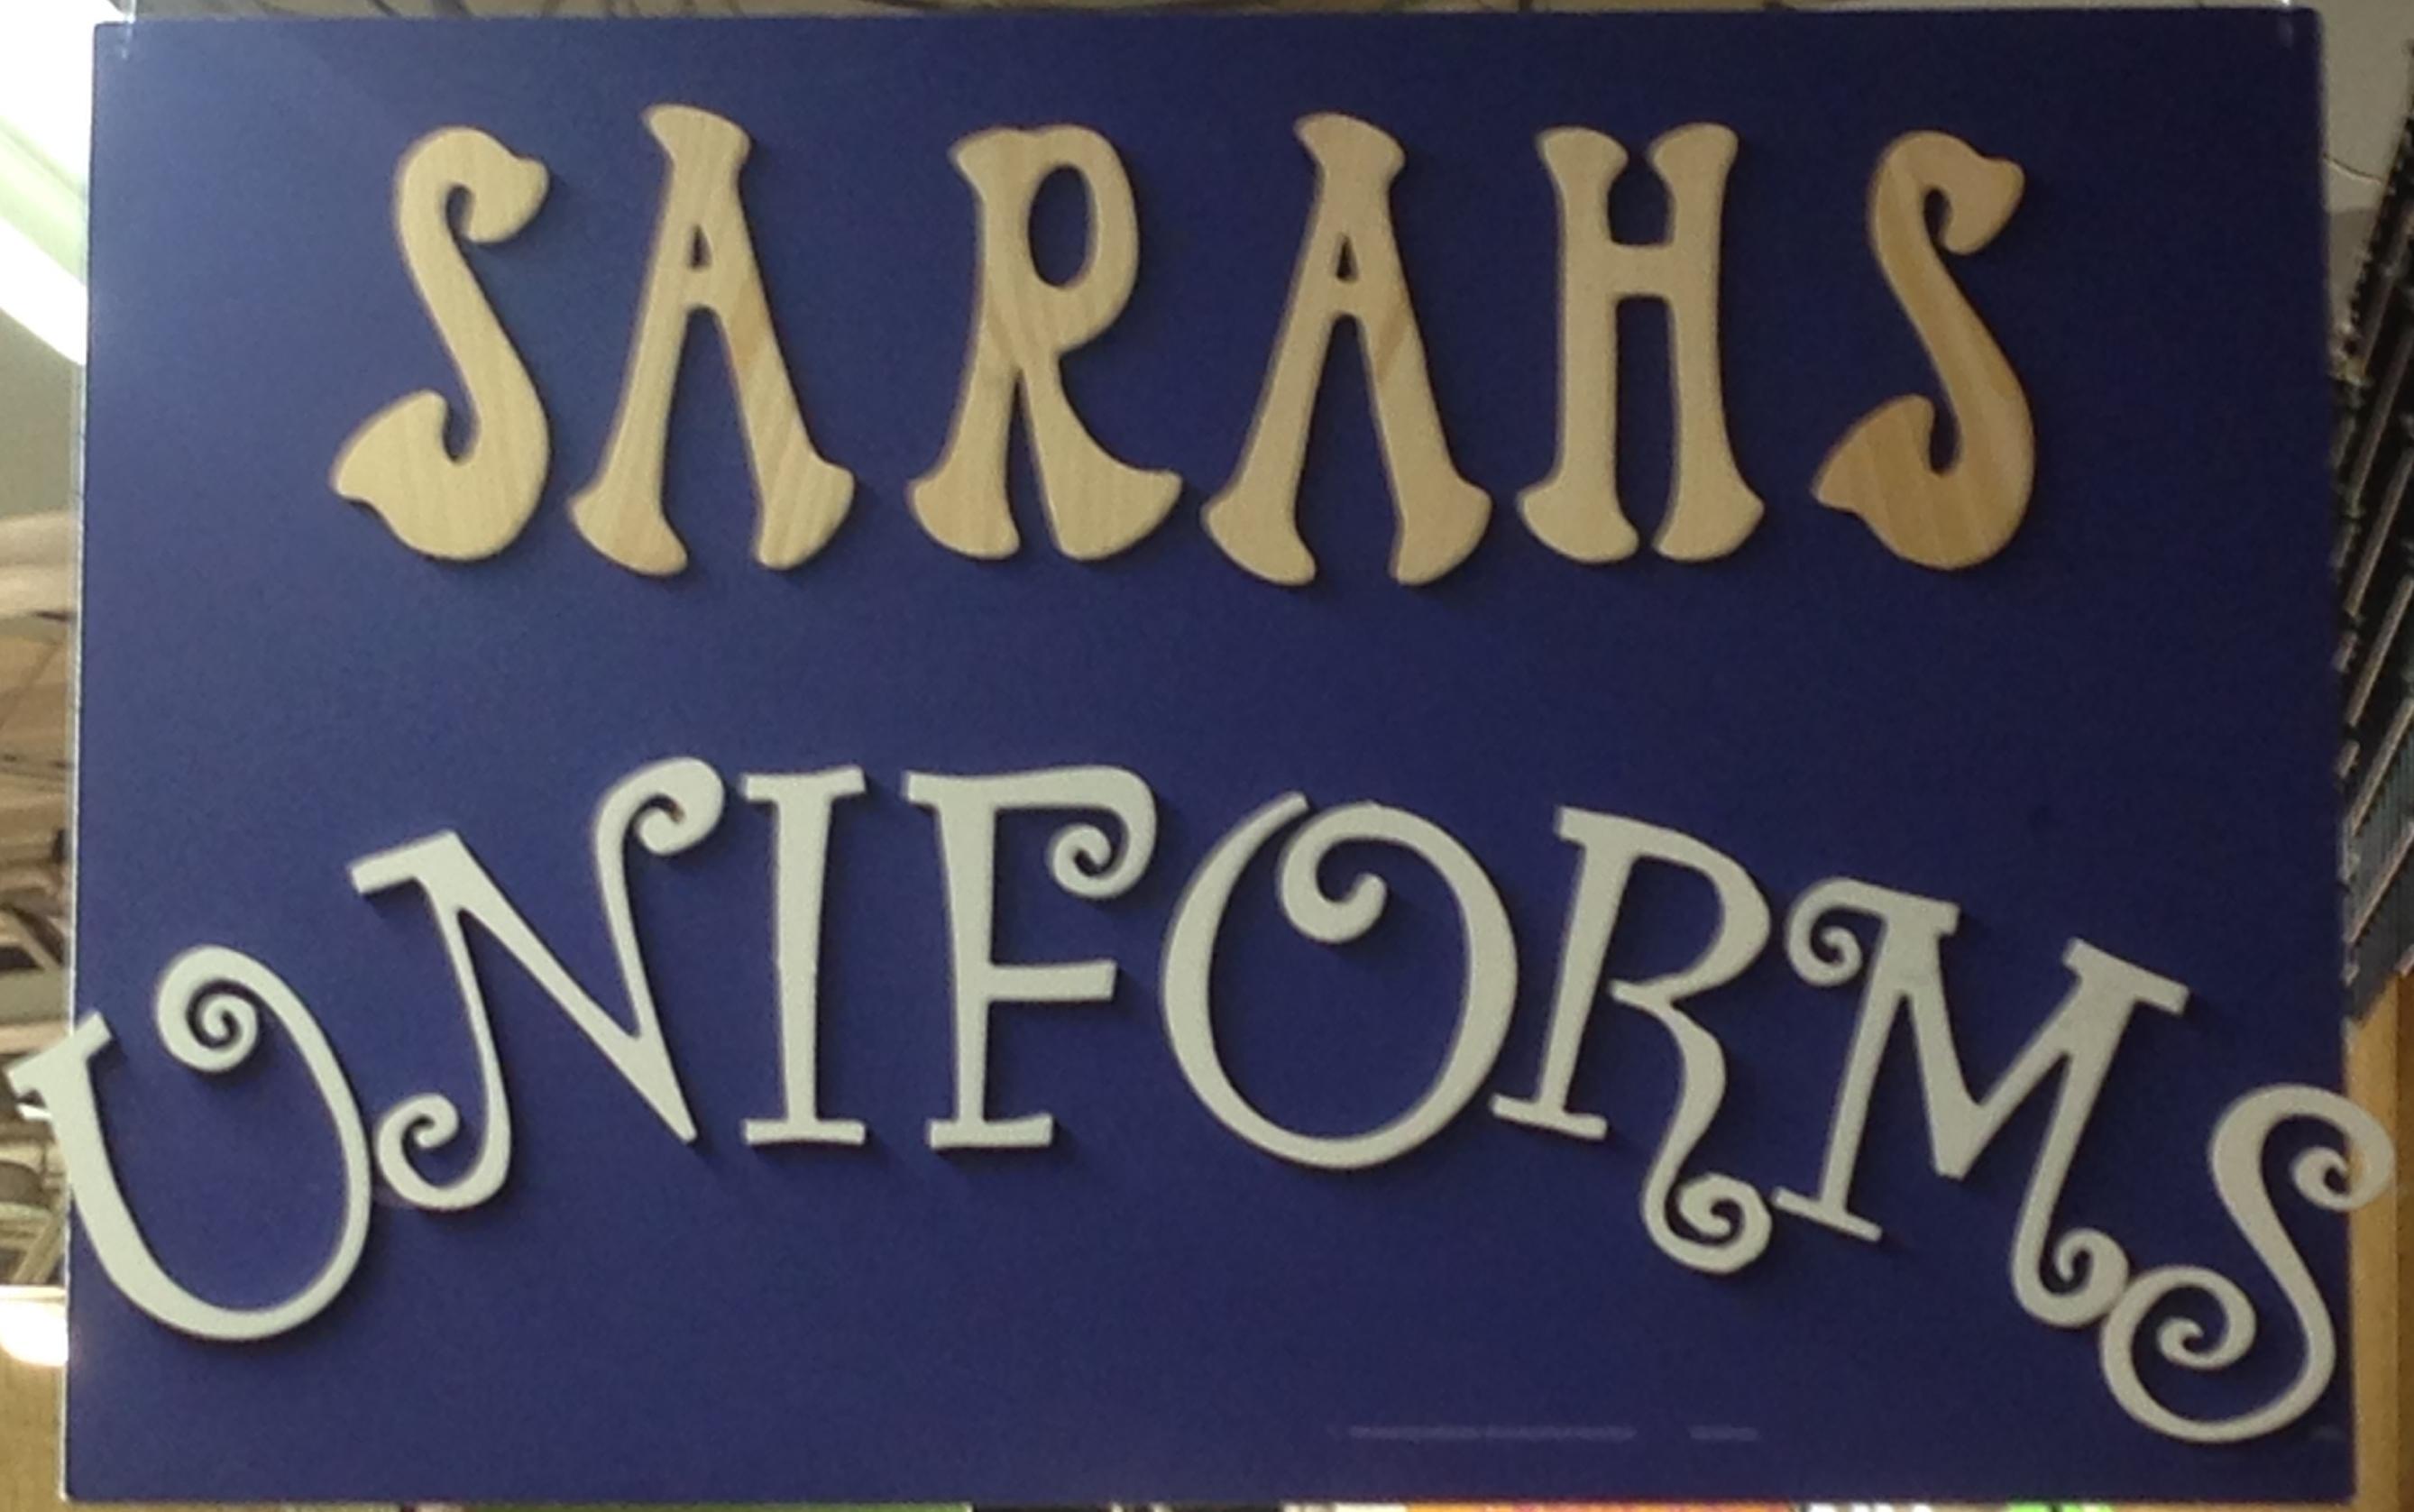 Sarah's Uniforms